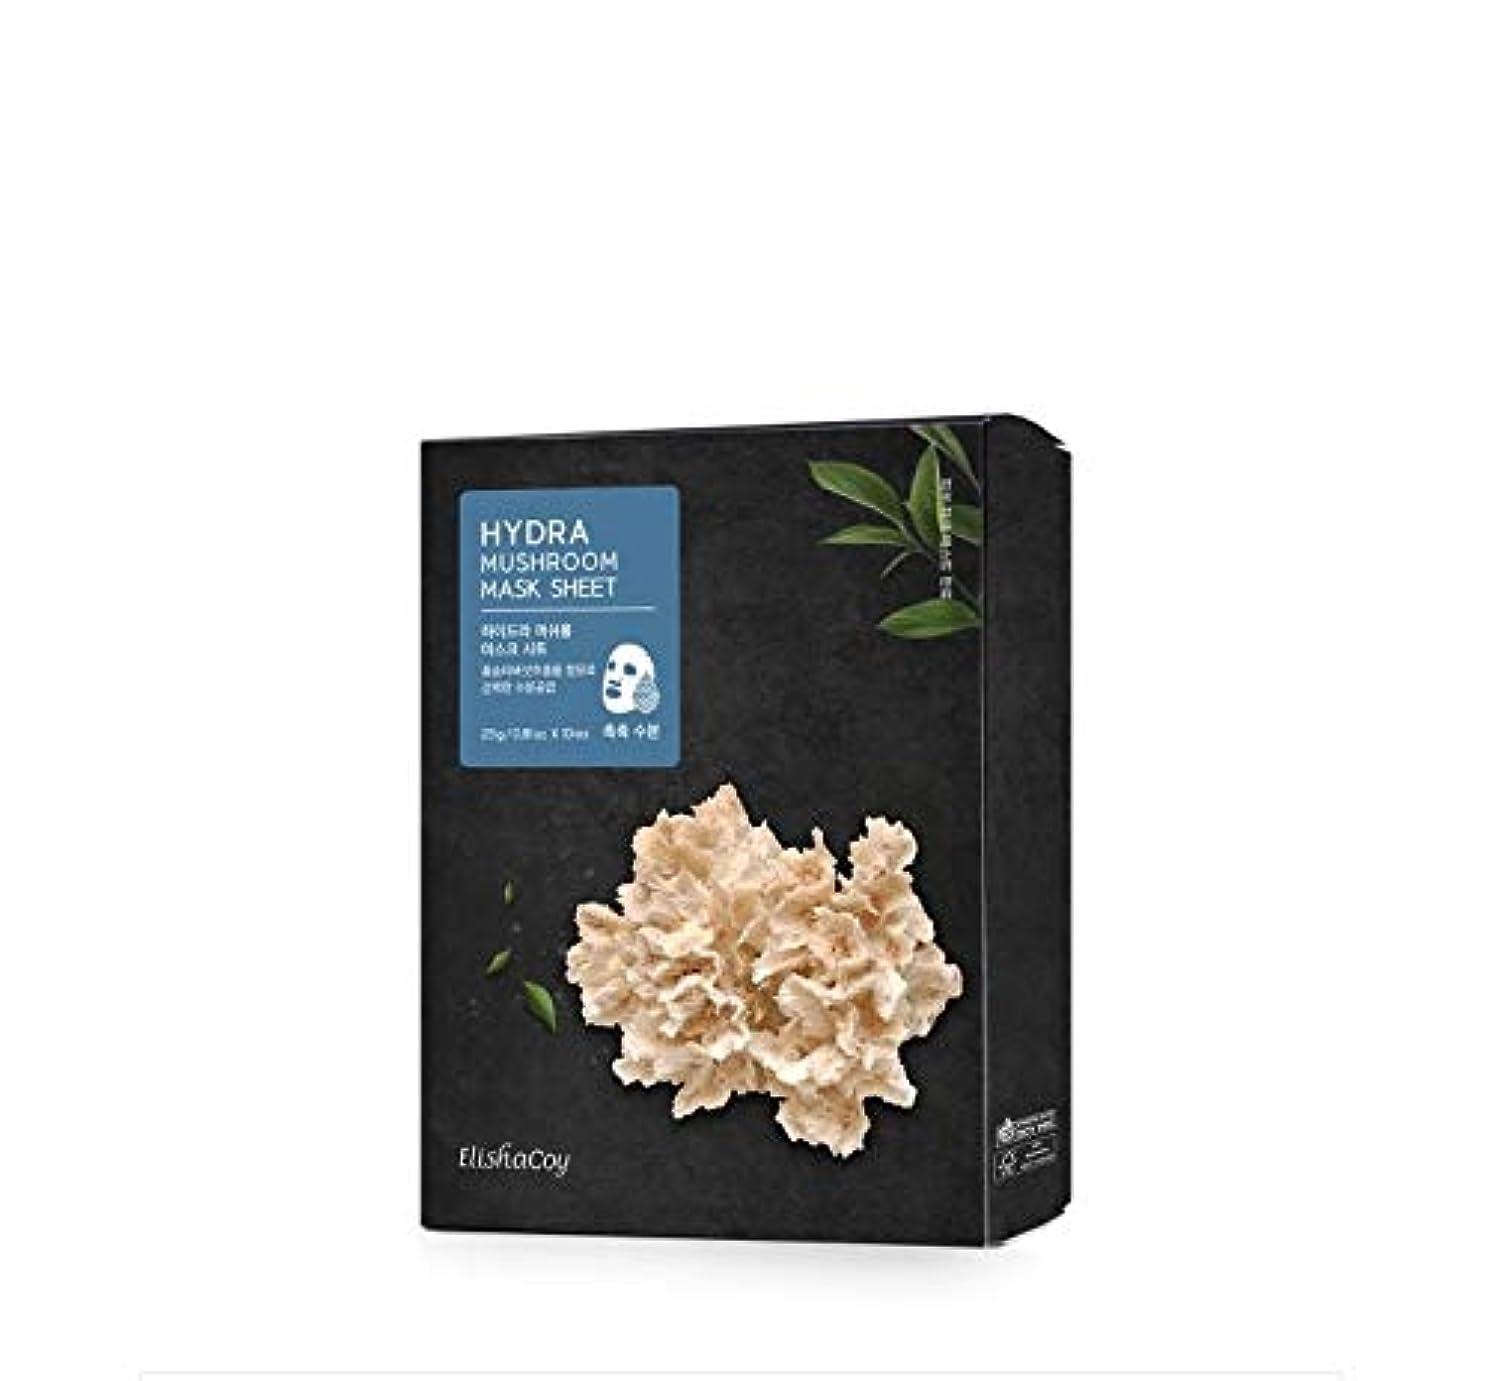 約設定チャンス芸術Elishacoy HYDRA MUSHROOM MASK SHEET (10ea) アリシアこいヒドラキノコマスクシート 韓国の人気商品 Korean Beauty Cosmetics Womens